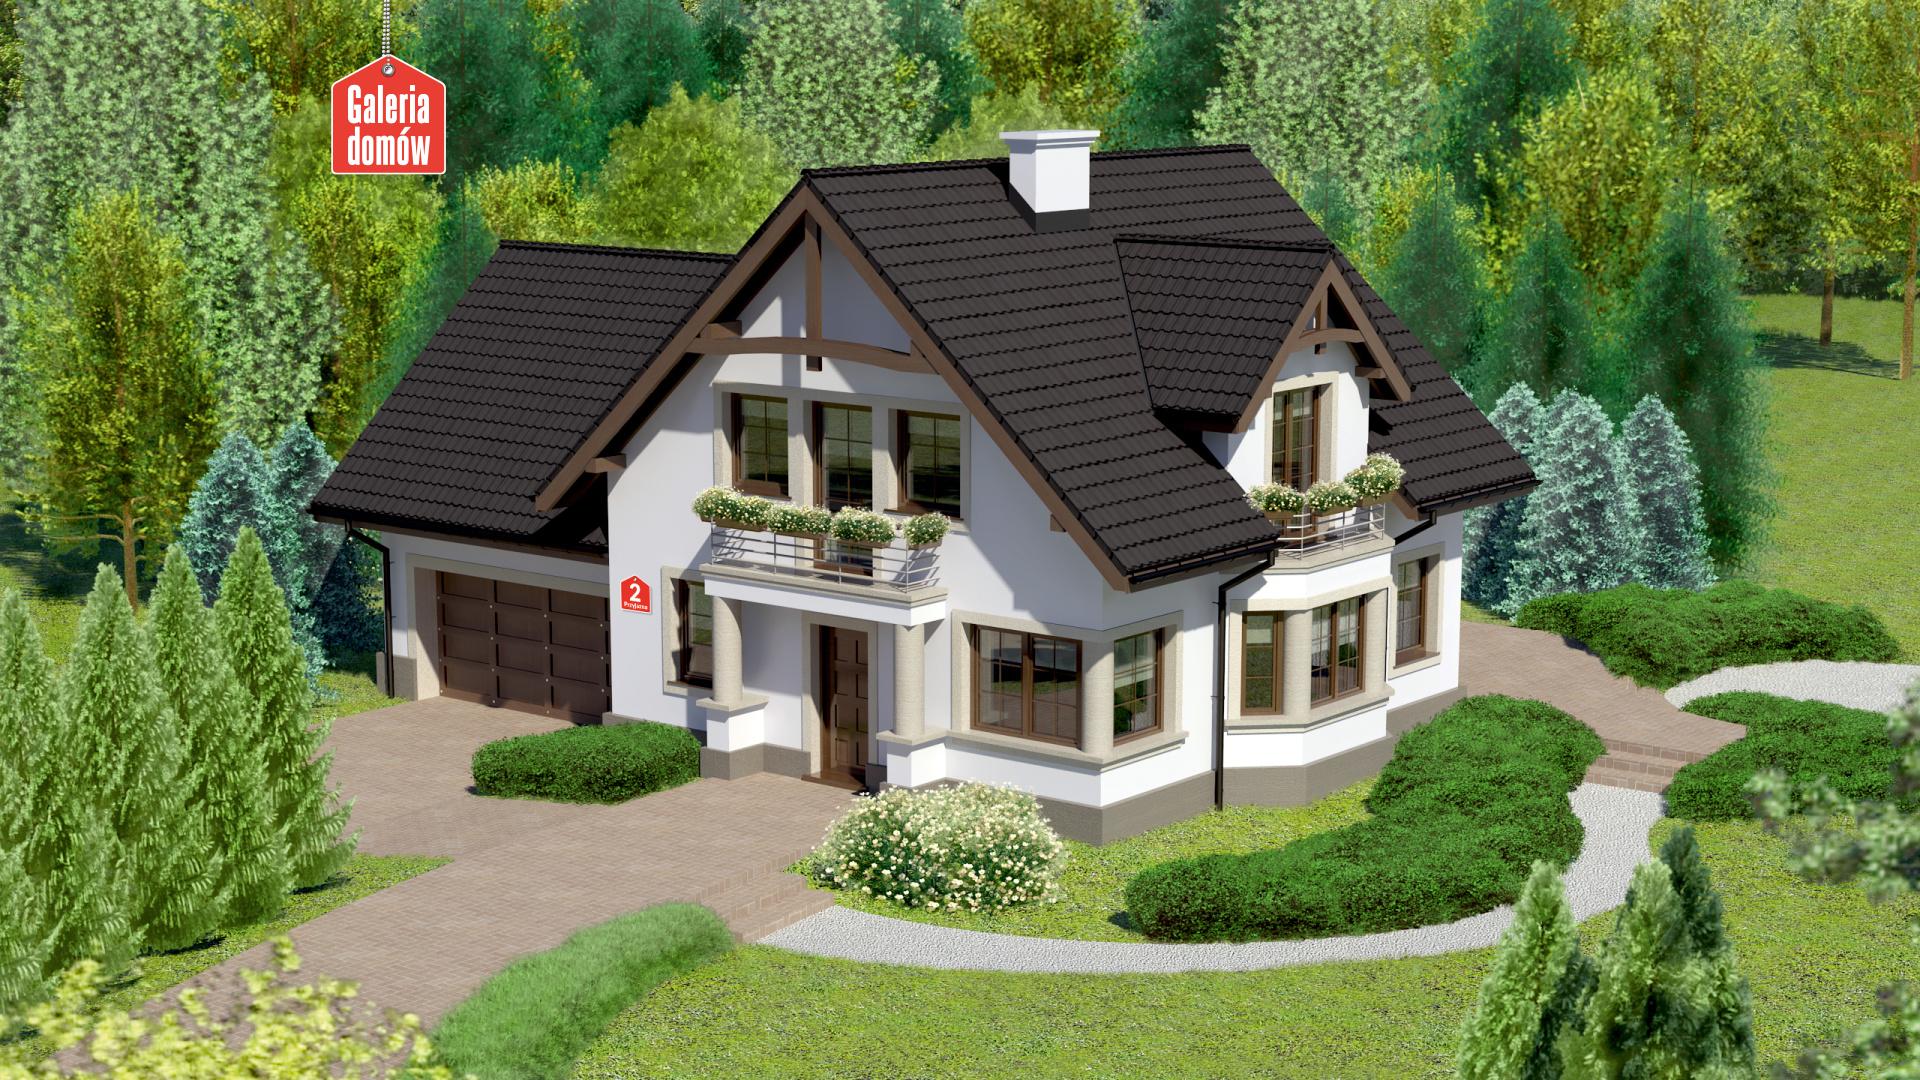 Dom przy Przyjaznej 2 - zdjęcie projektu i wizualizacja